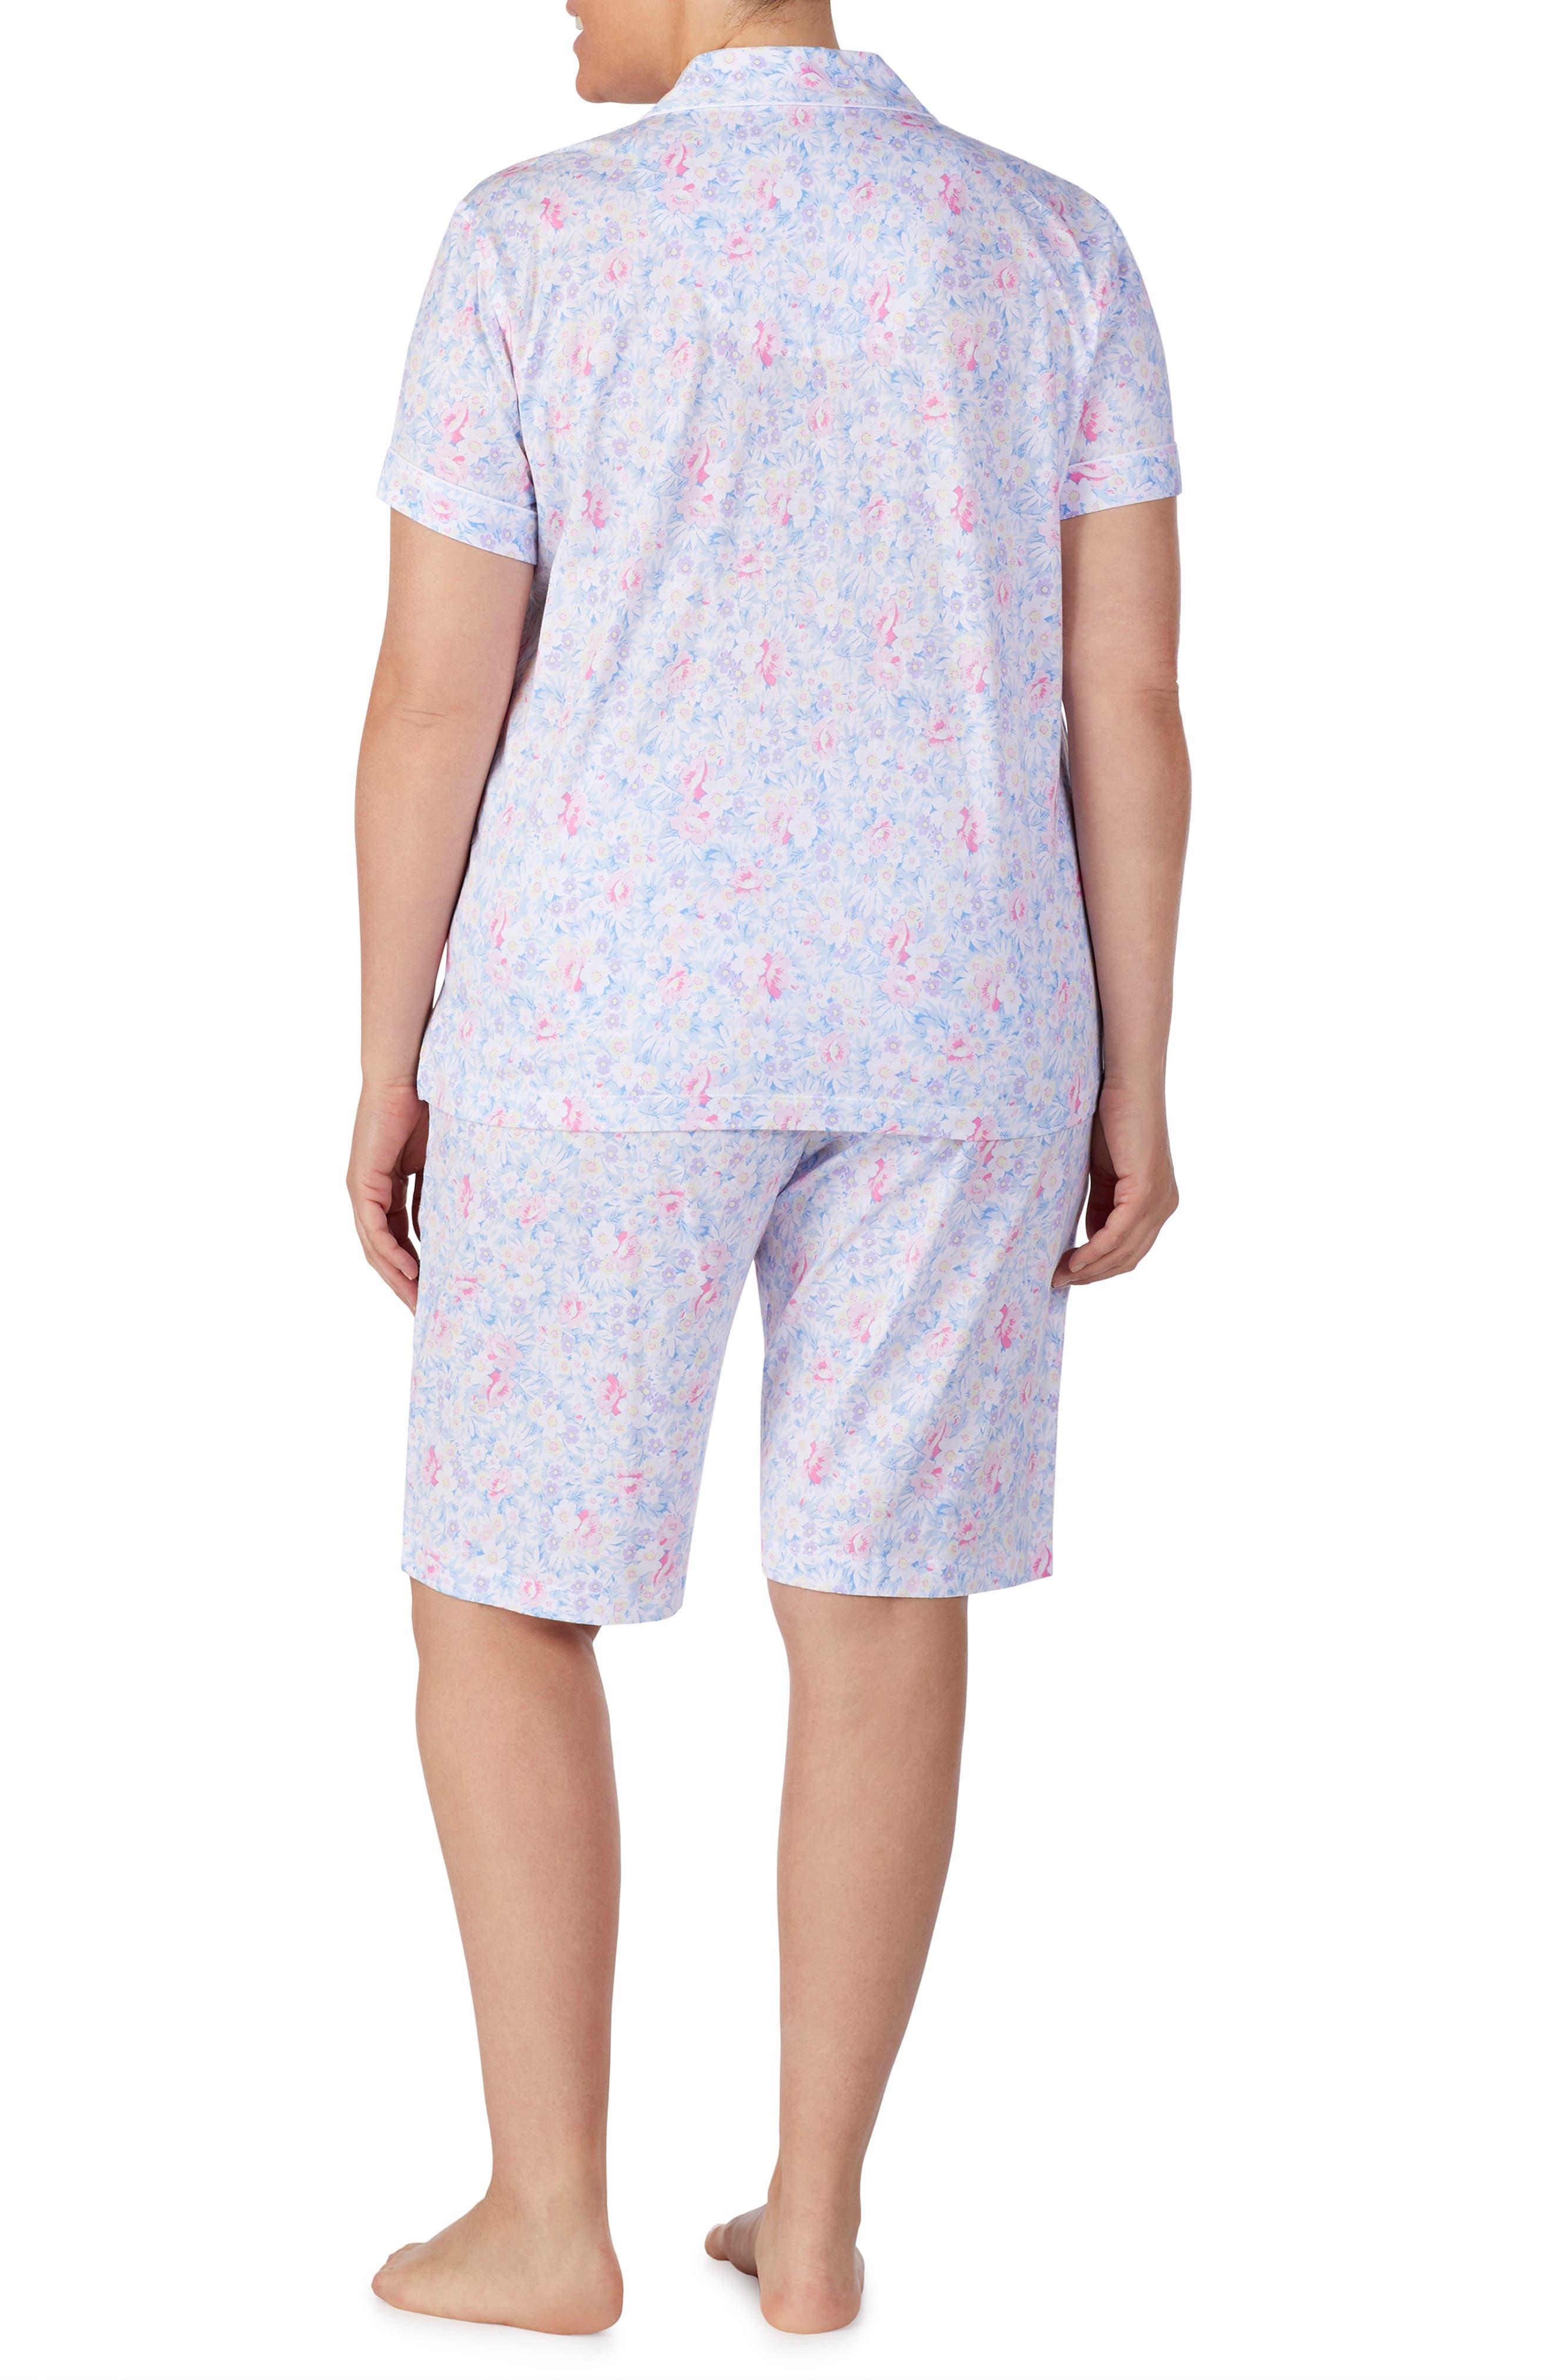 LAUREN RALPH LAUREN, Bermuda Shorts Pajamas, Alternate thumbnail 5, color, PINK FLORAL